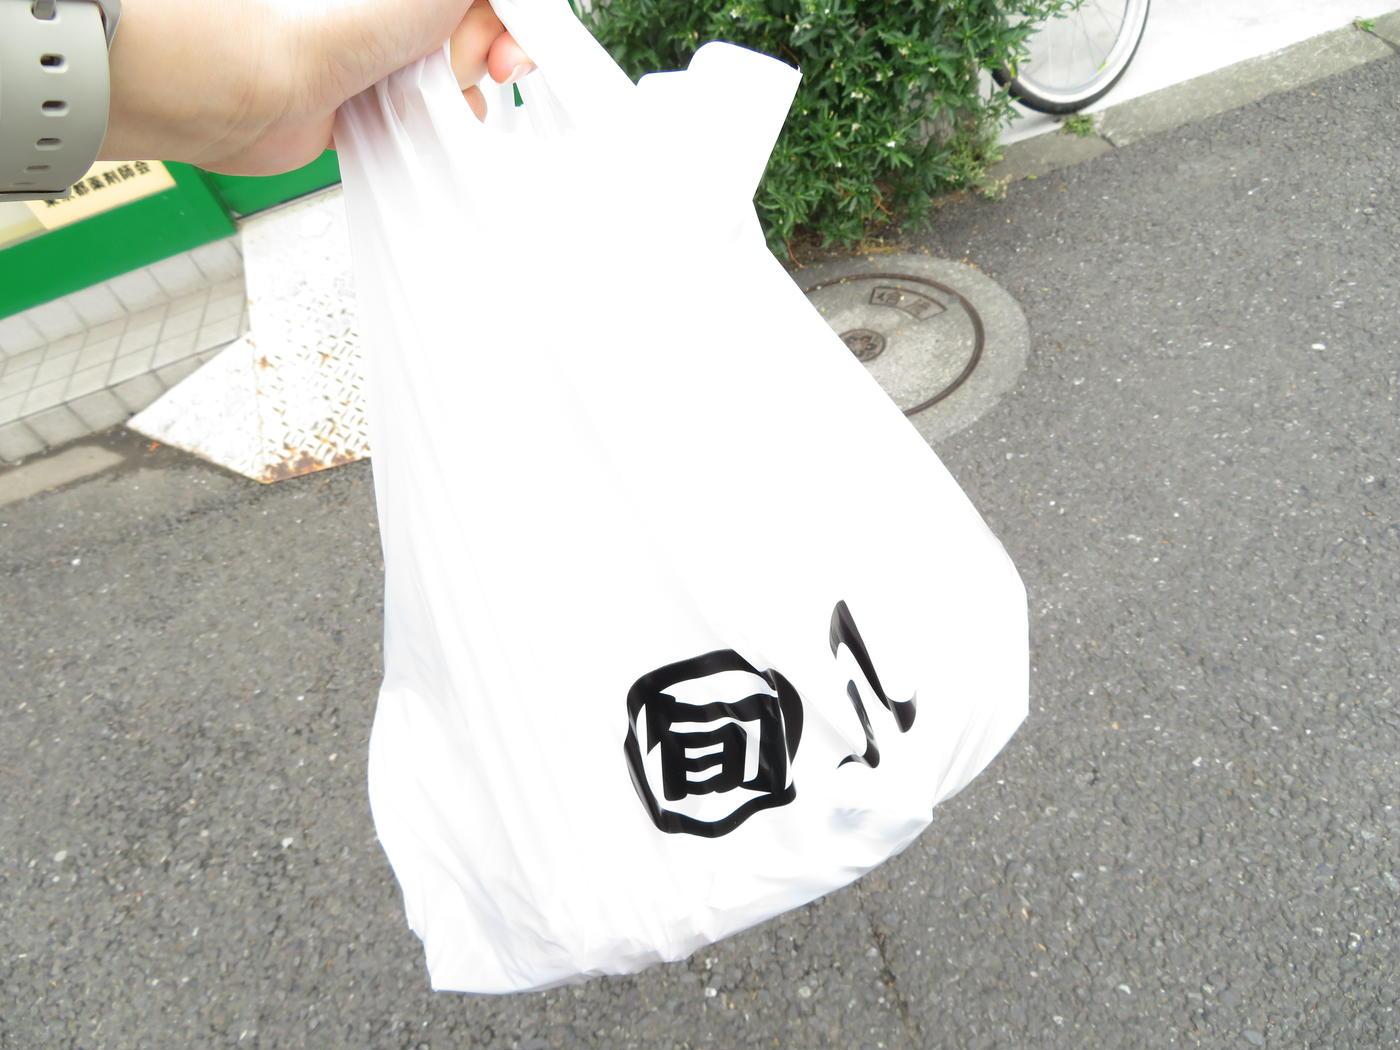 旬八青果店-買い物袋